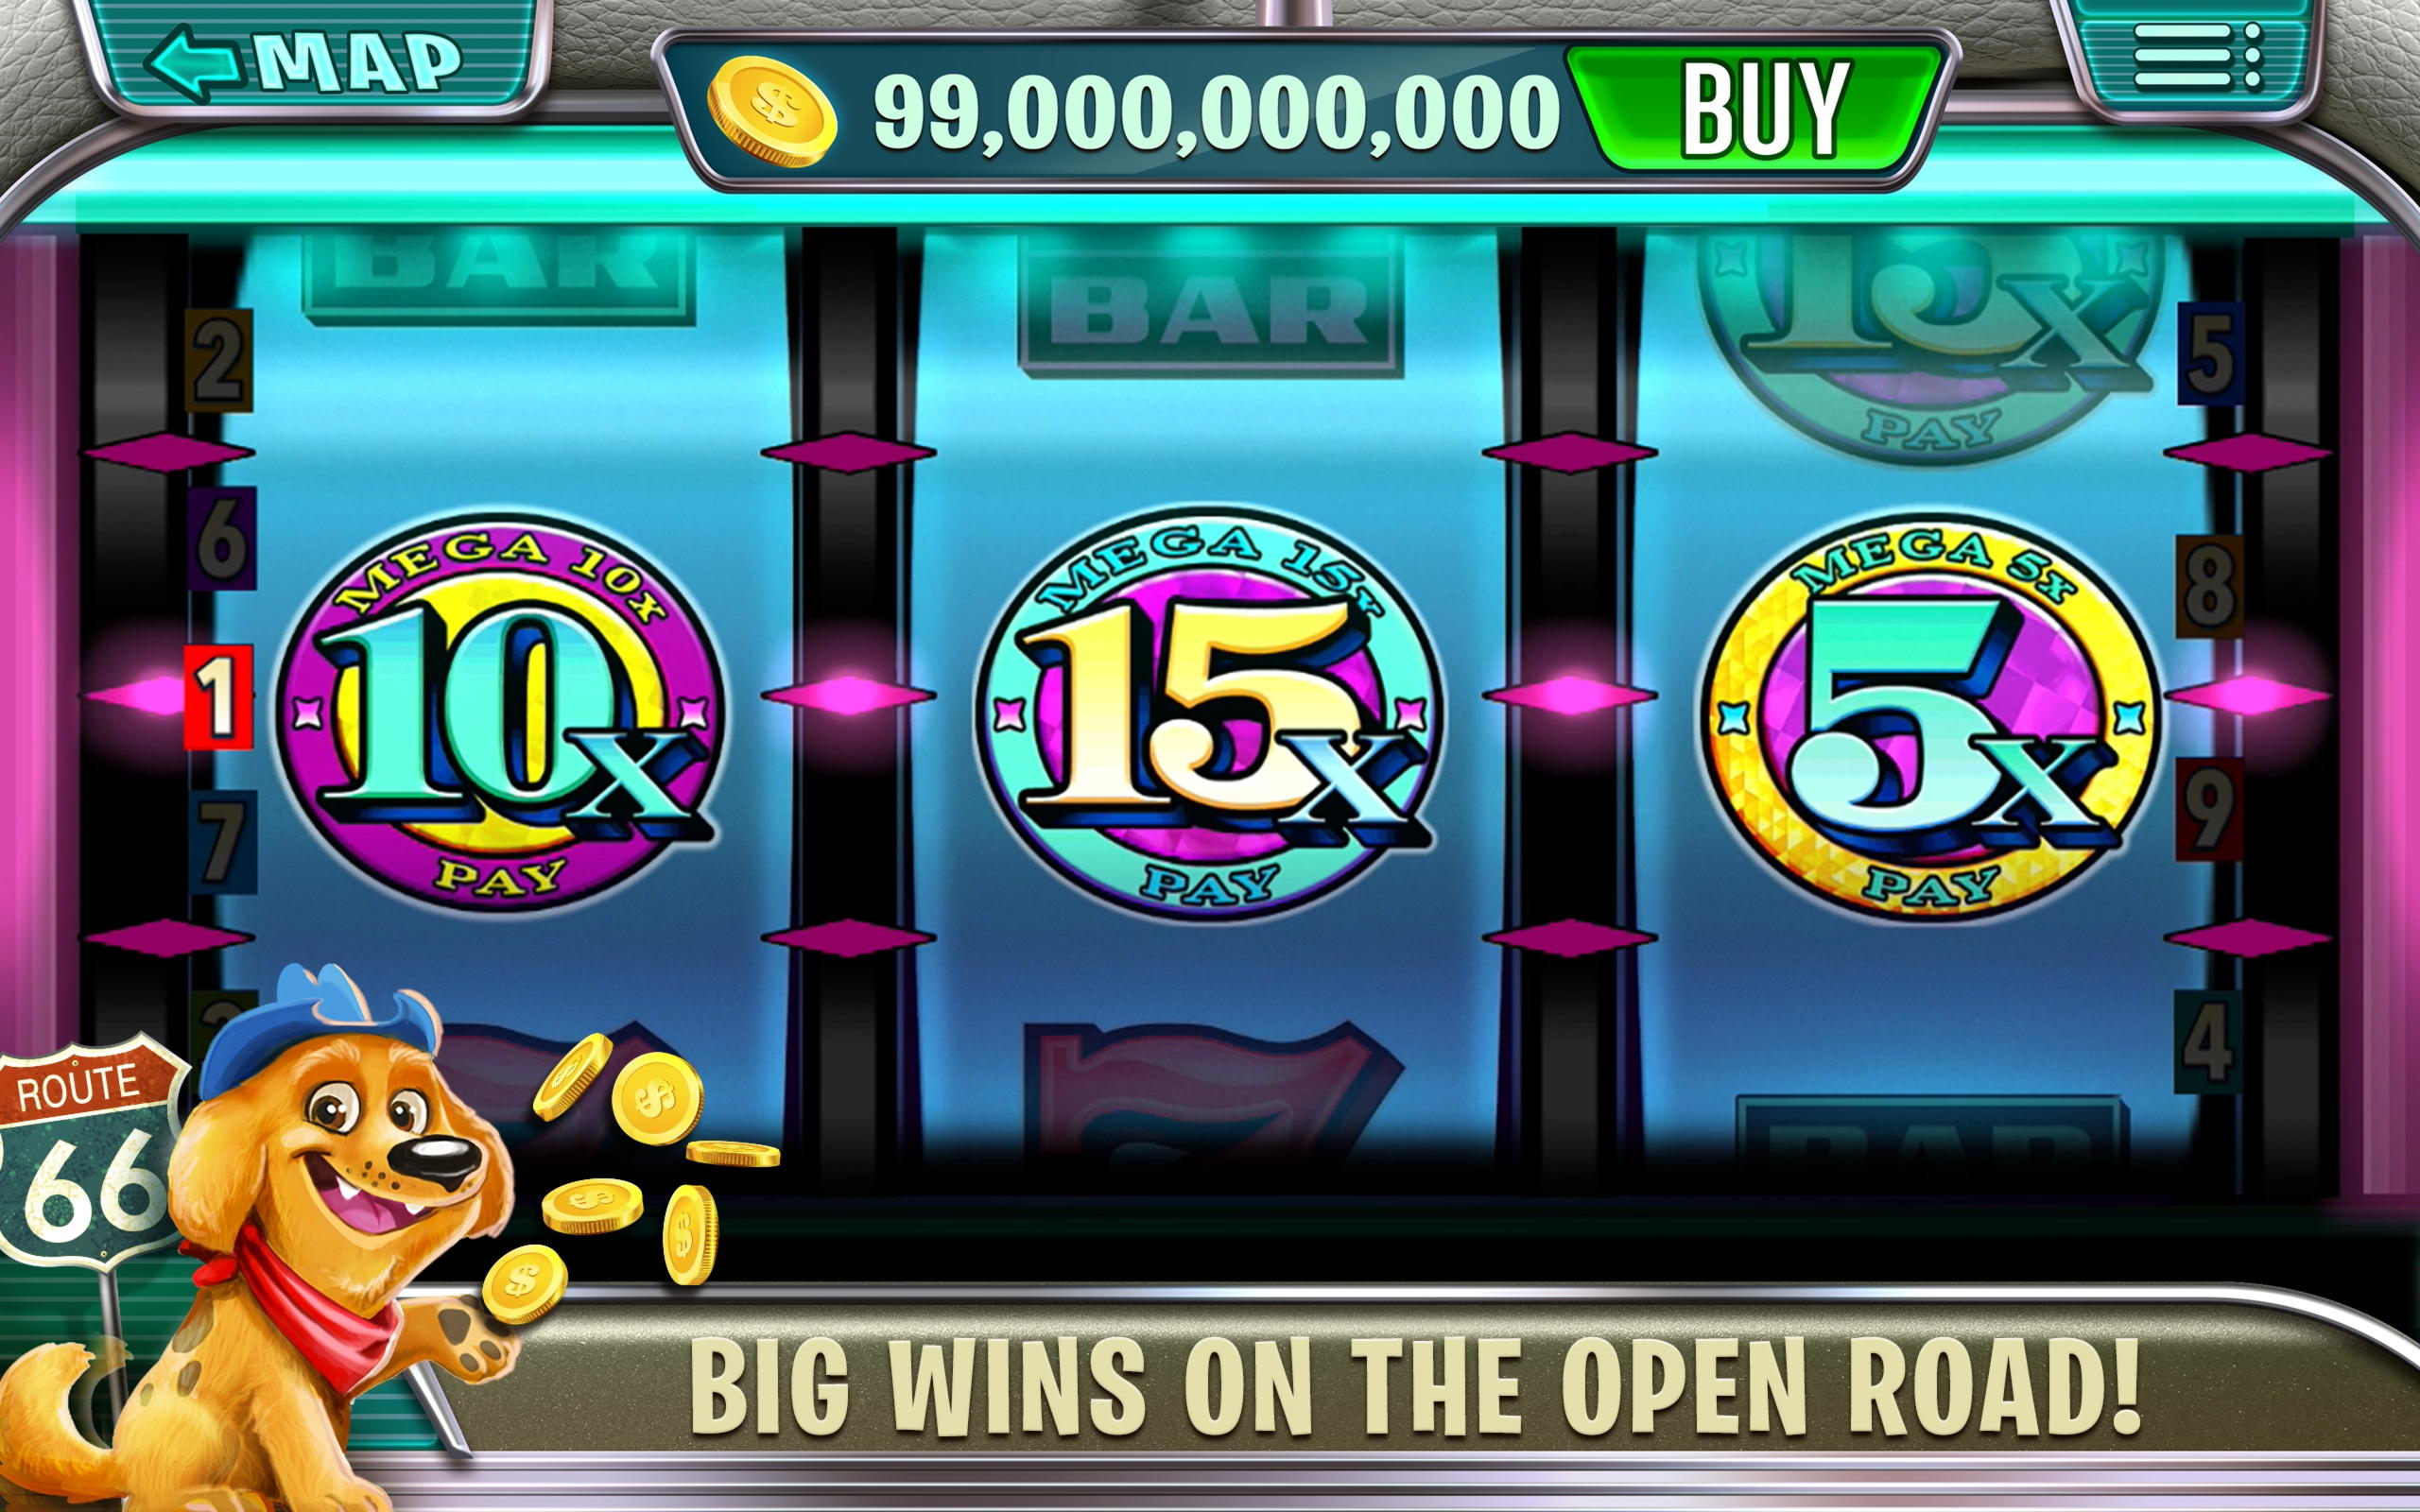 بطولات $ 635 Casino المجانية في كازينو 888